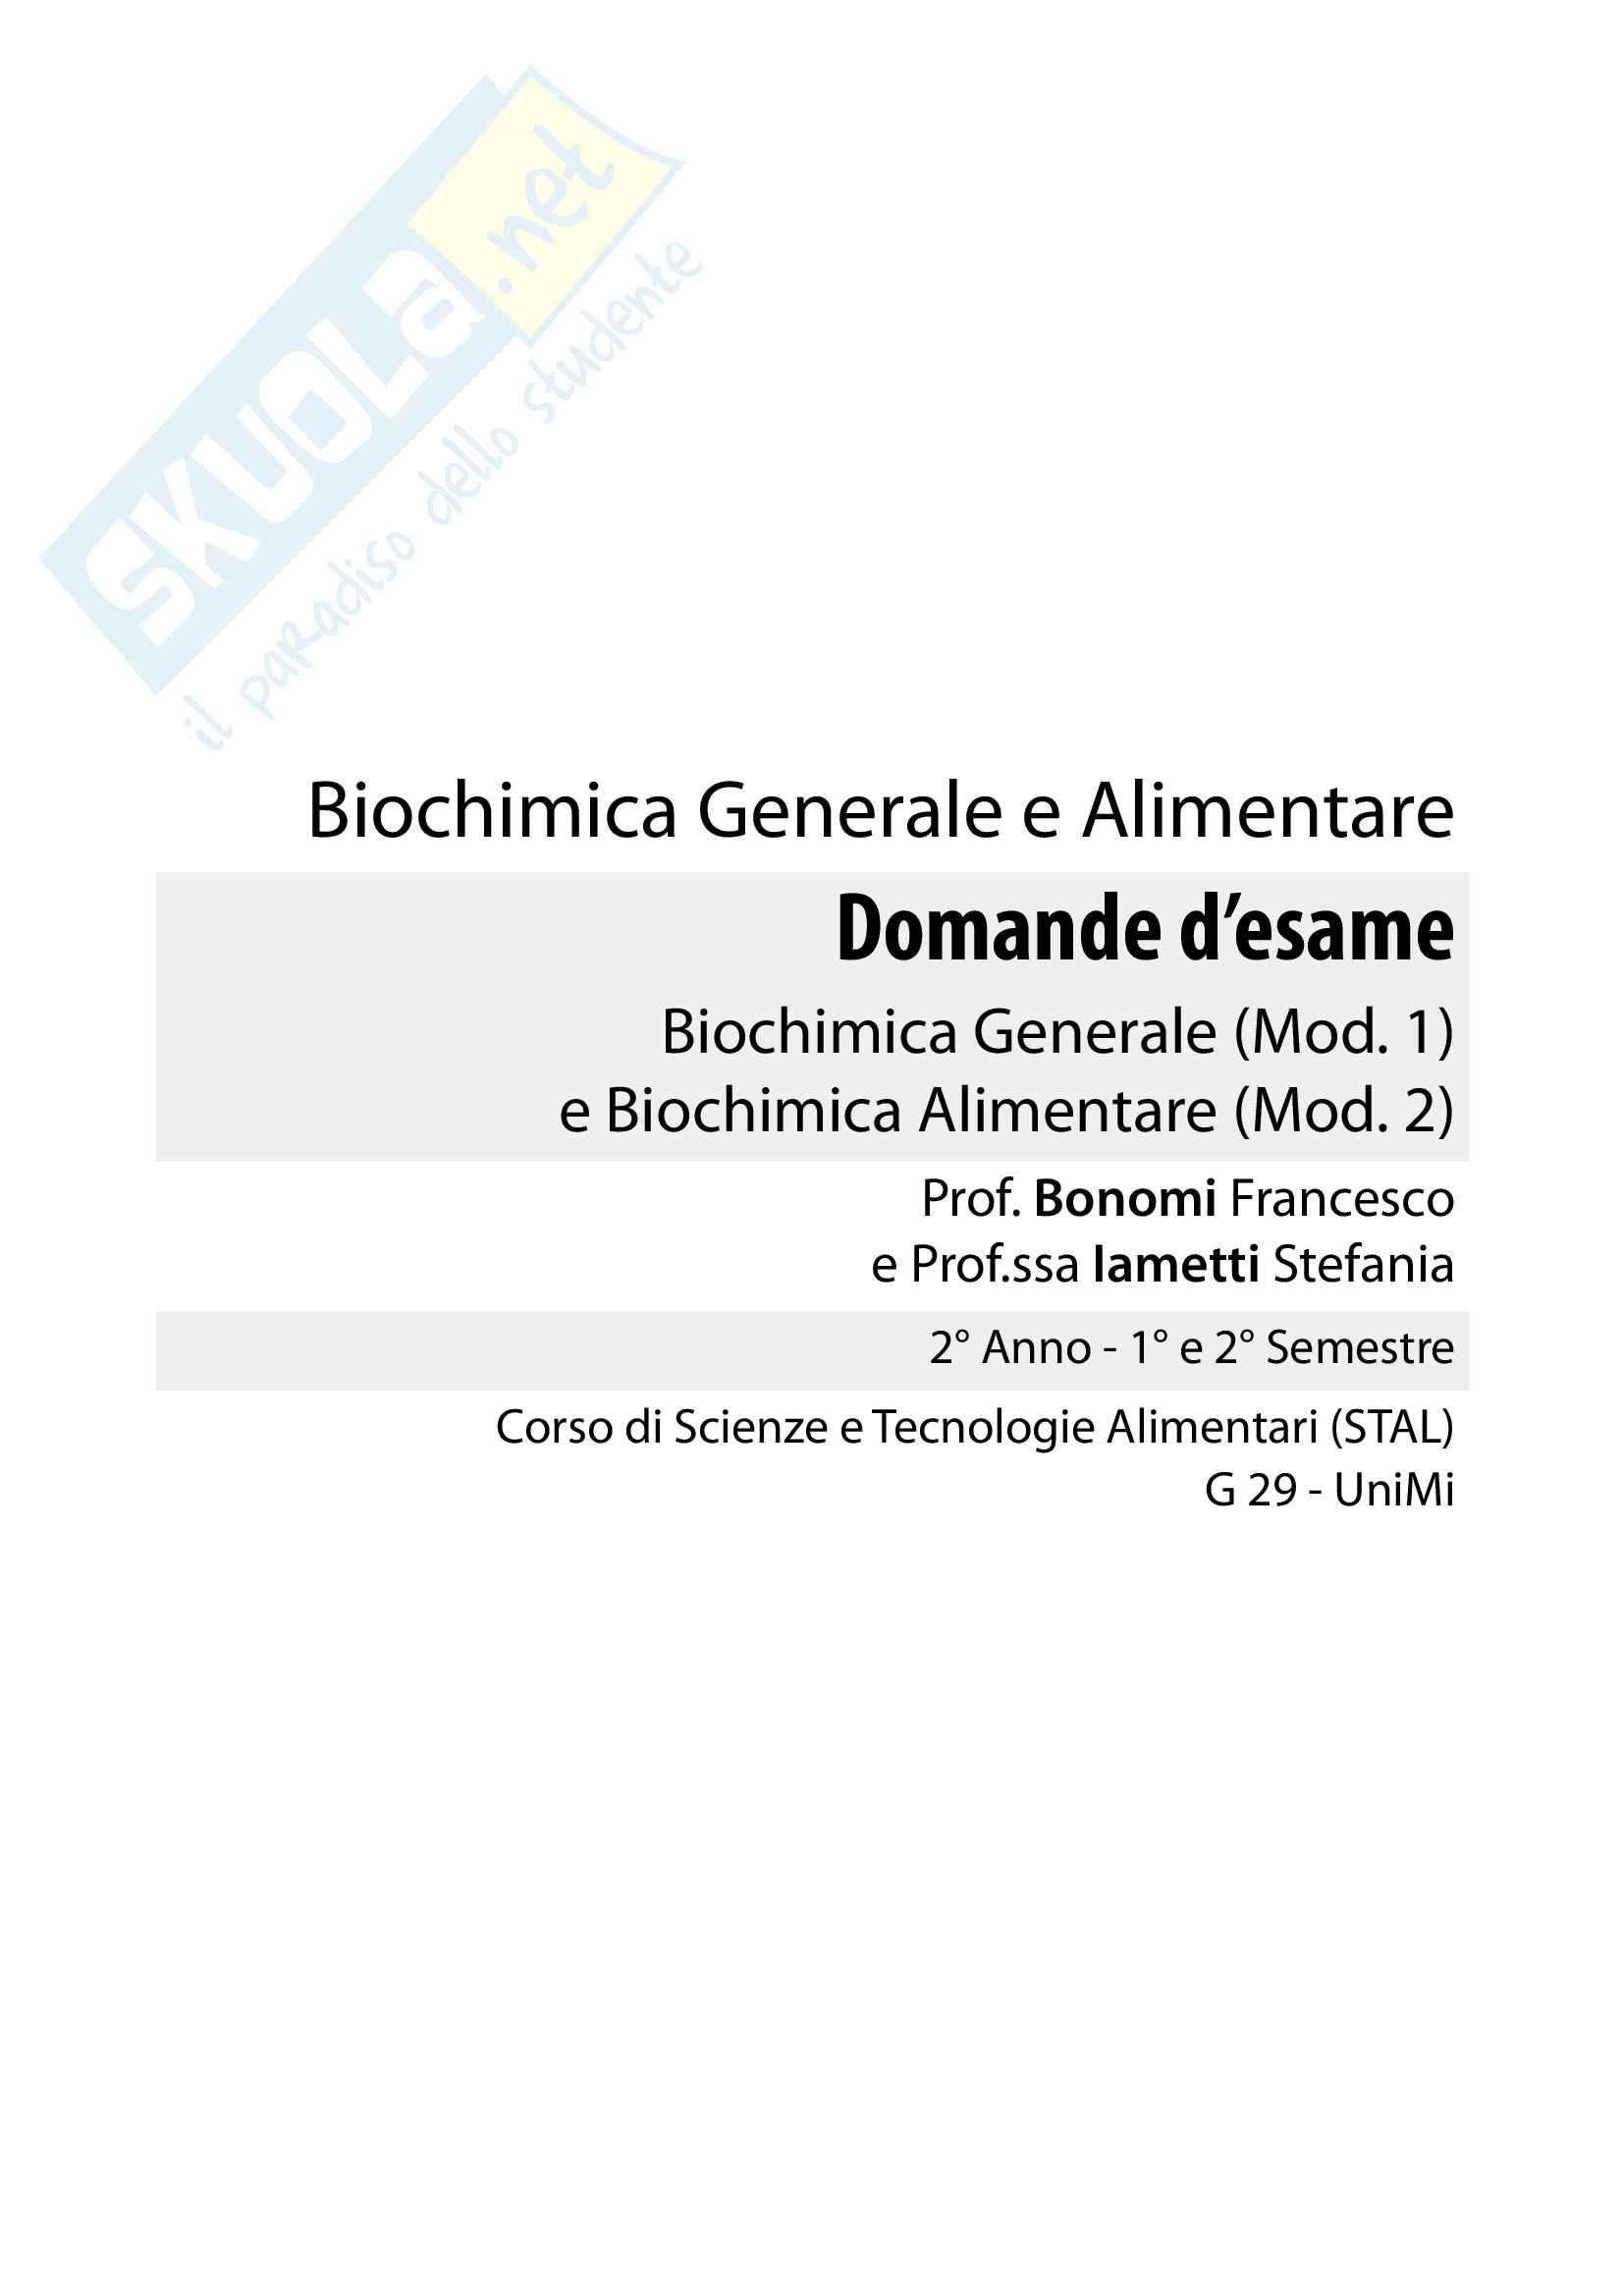 Domande Biochimica Generale e Alimentare (Mod. 1 e 2)